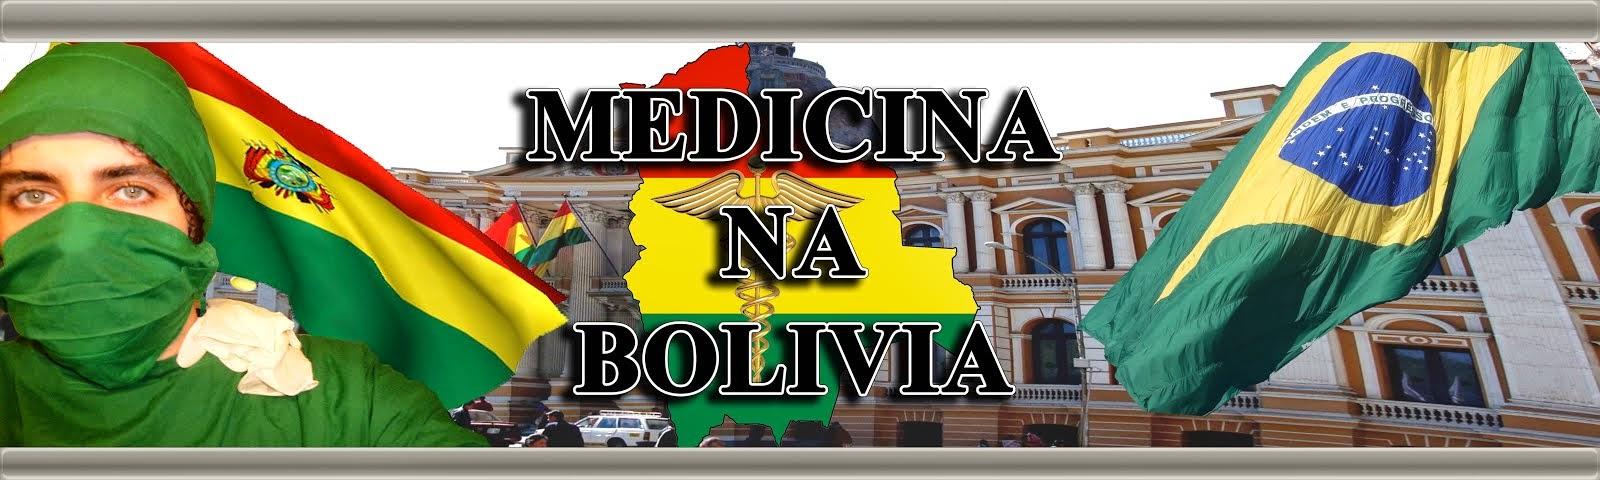 Medicina Na Bolivia: CUESTIONARIO ANATOMIA 2 - RAMAS DE LA AORTA